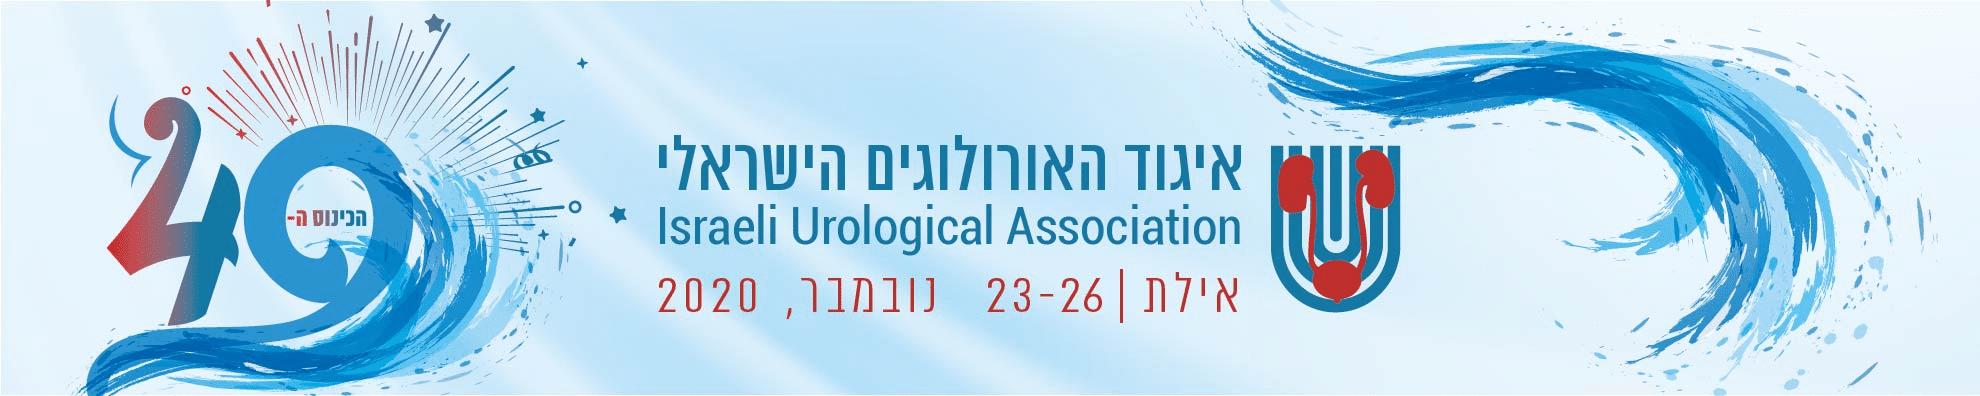 הכינוס ה-39 איגוד האורולוגים הישראלי אילת 2019